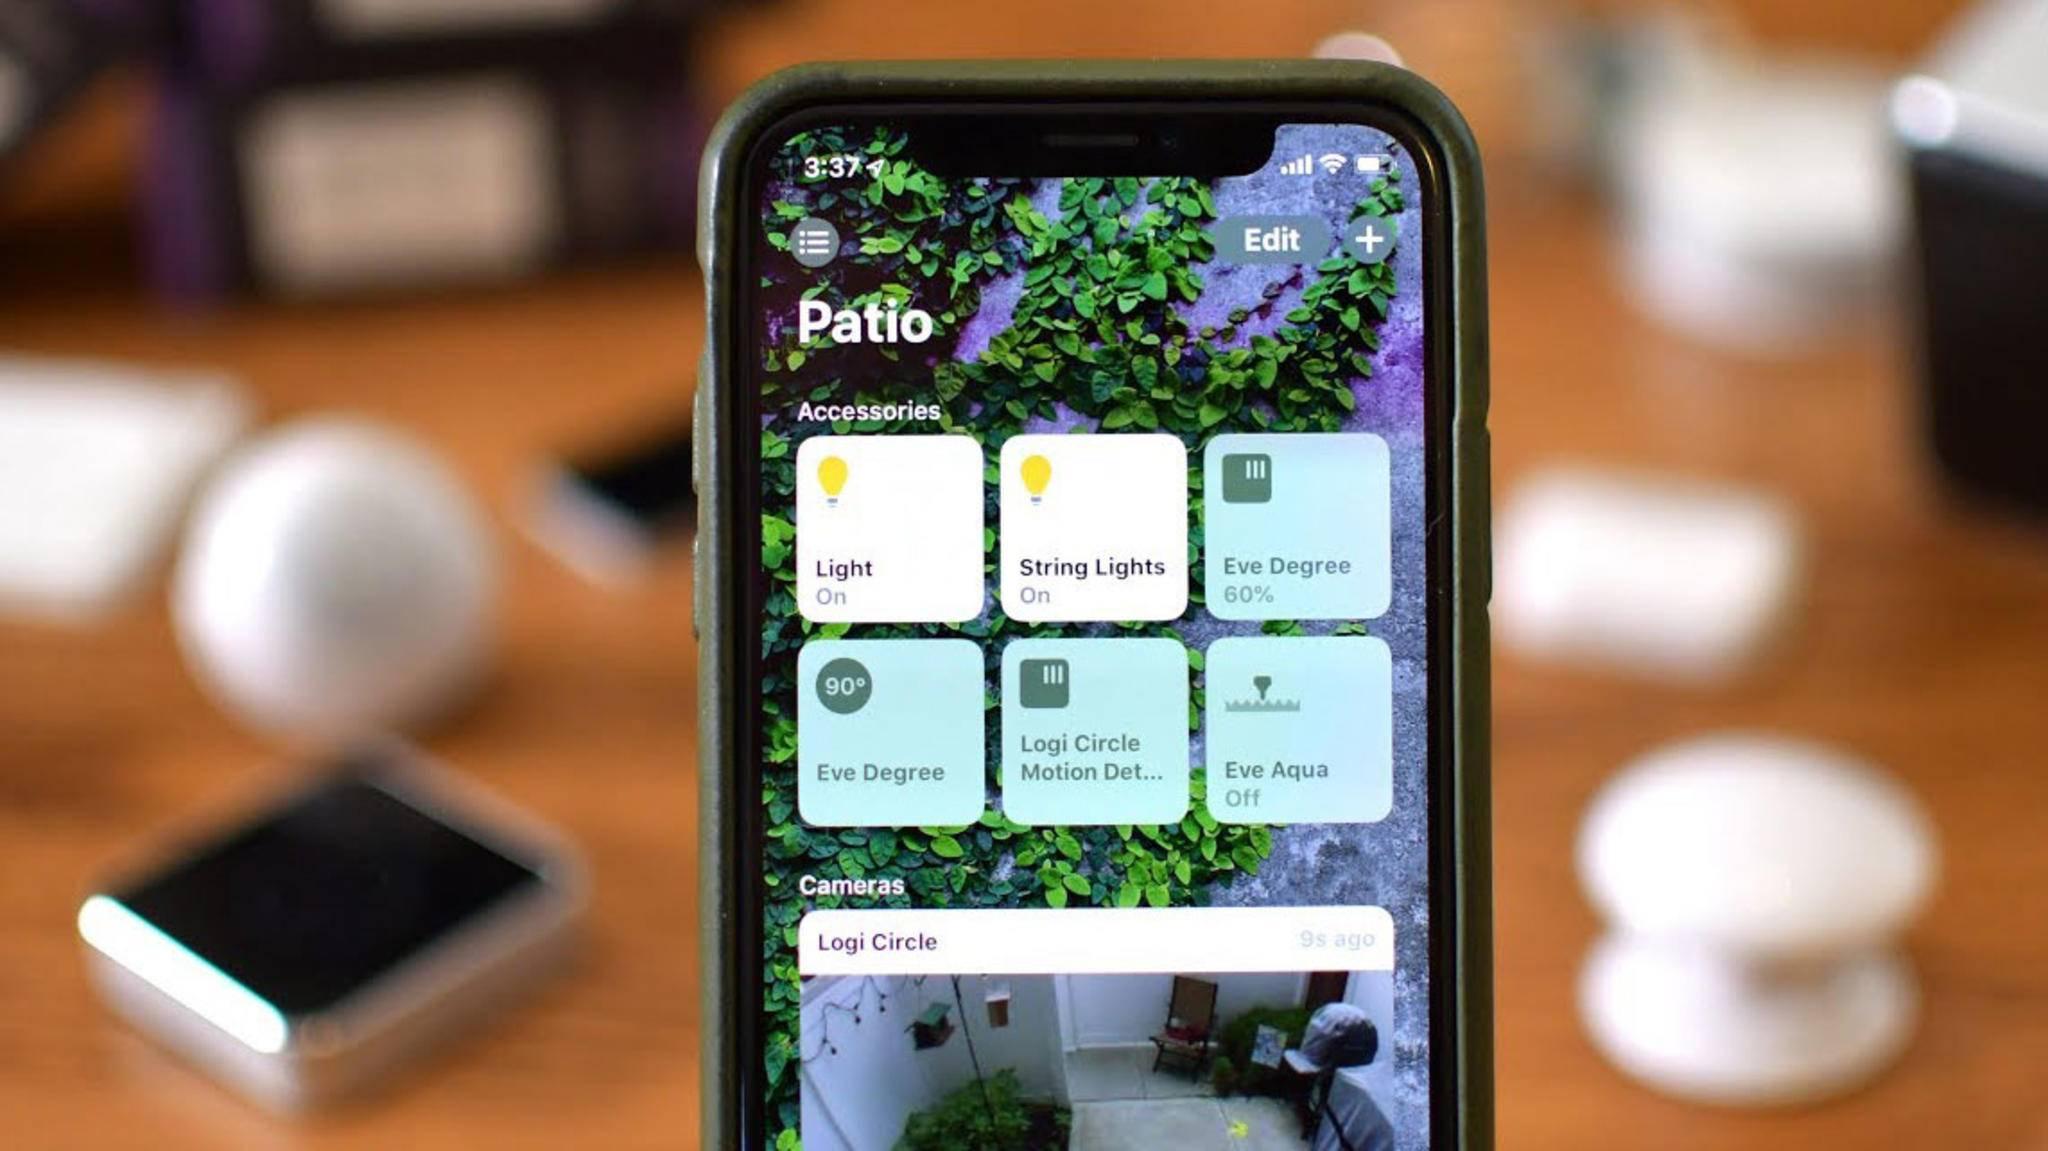 Mit einer neuen Übernahme könnte Apple seine Smart-Home-Sparte stärken.